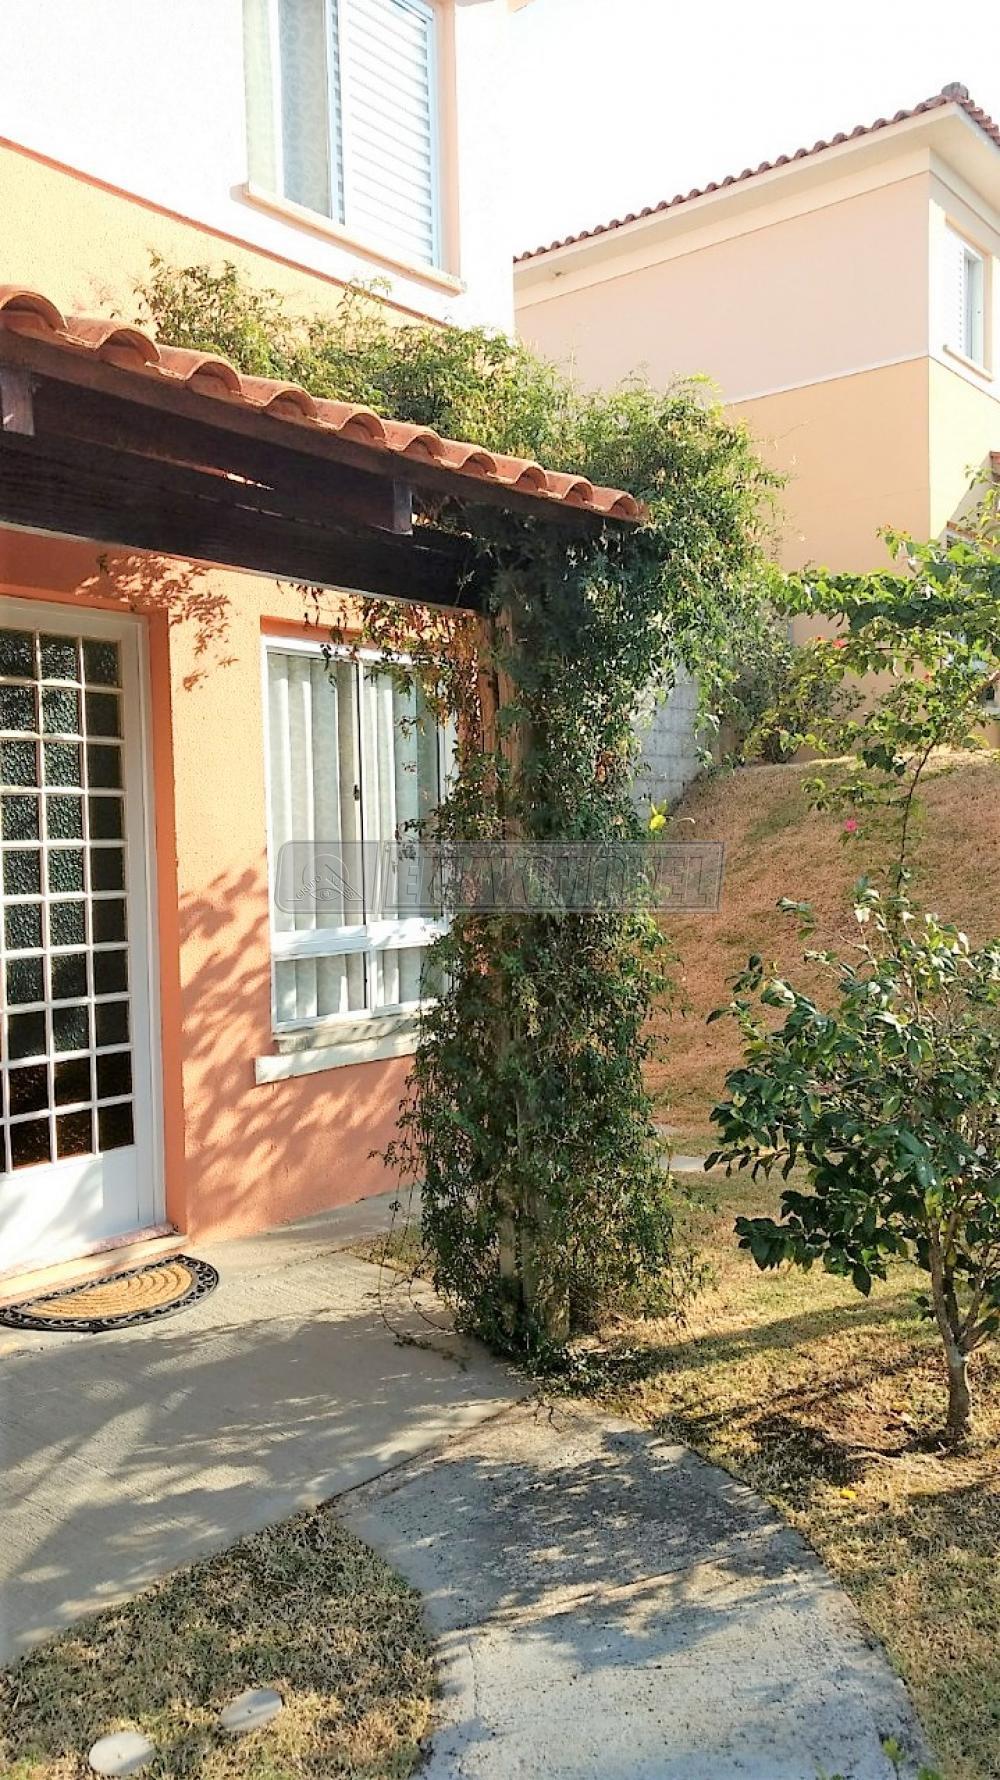 Comprar Casas / em Condomínios em Votorantim apenas R$ 330.000,00 - Foto 2